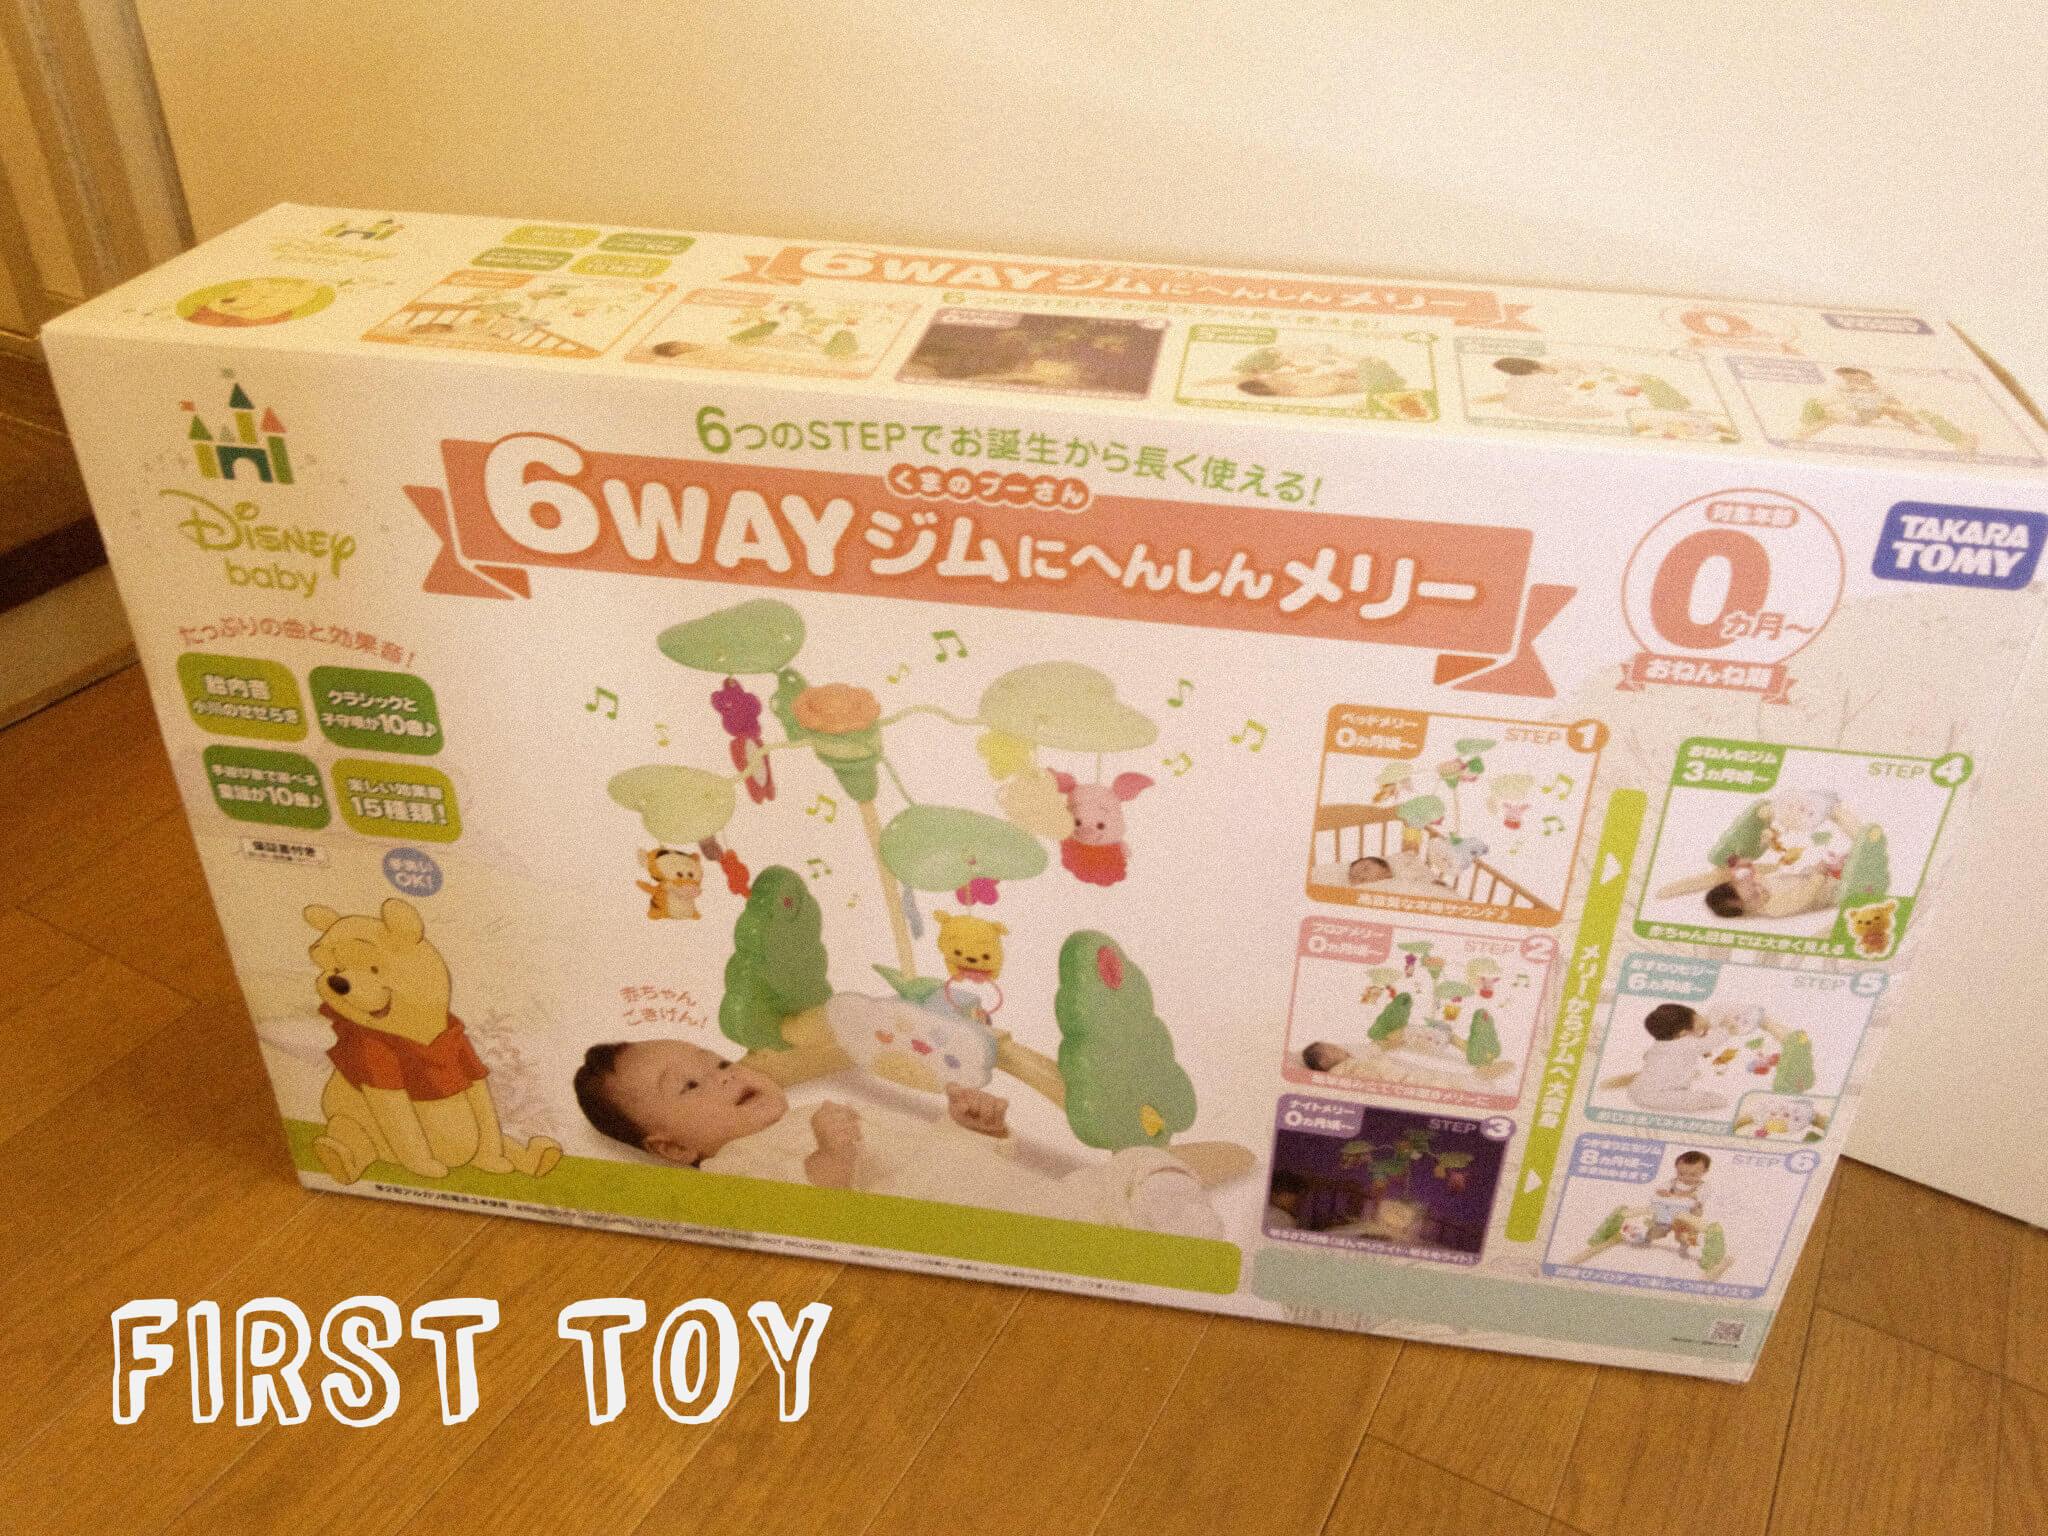 チビヒメに初めてのおもちゃ!6WAYジムにへんしんメリー